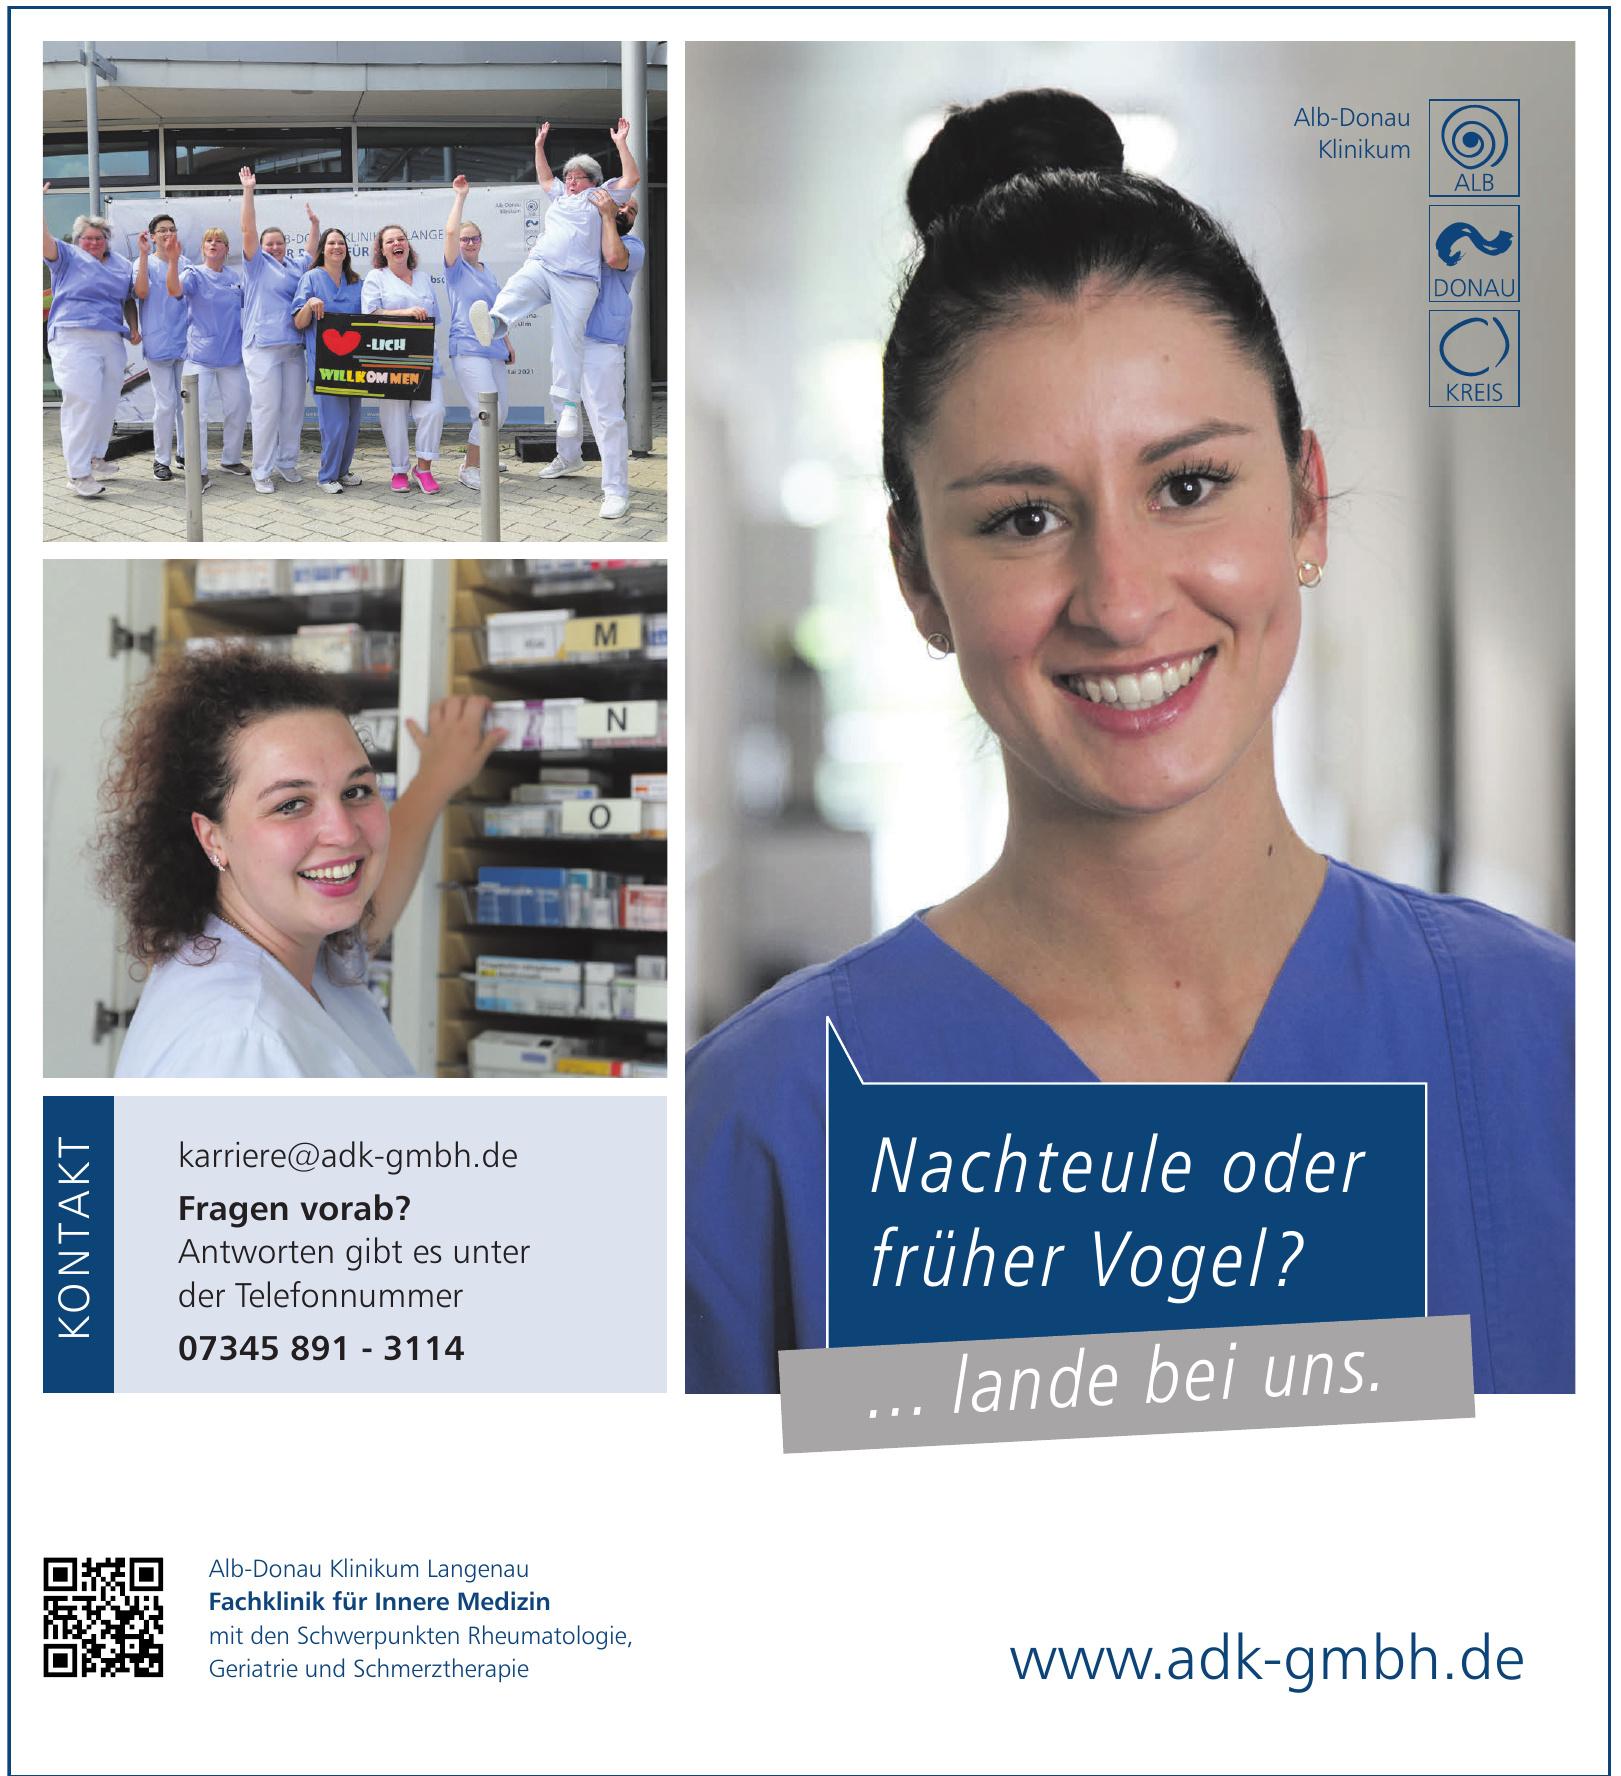 Alb-Donau Klinikum Langenau